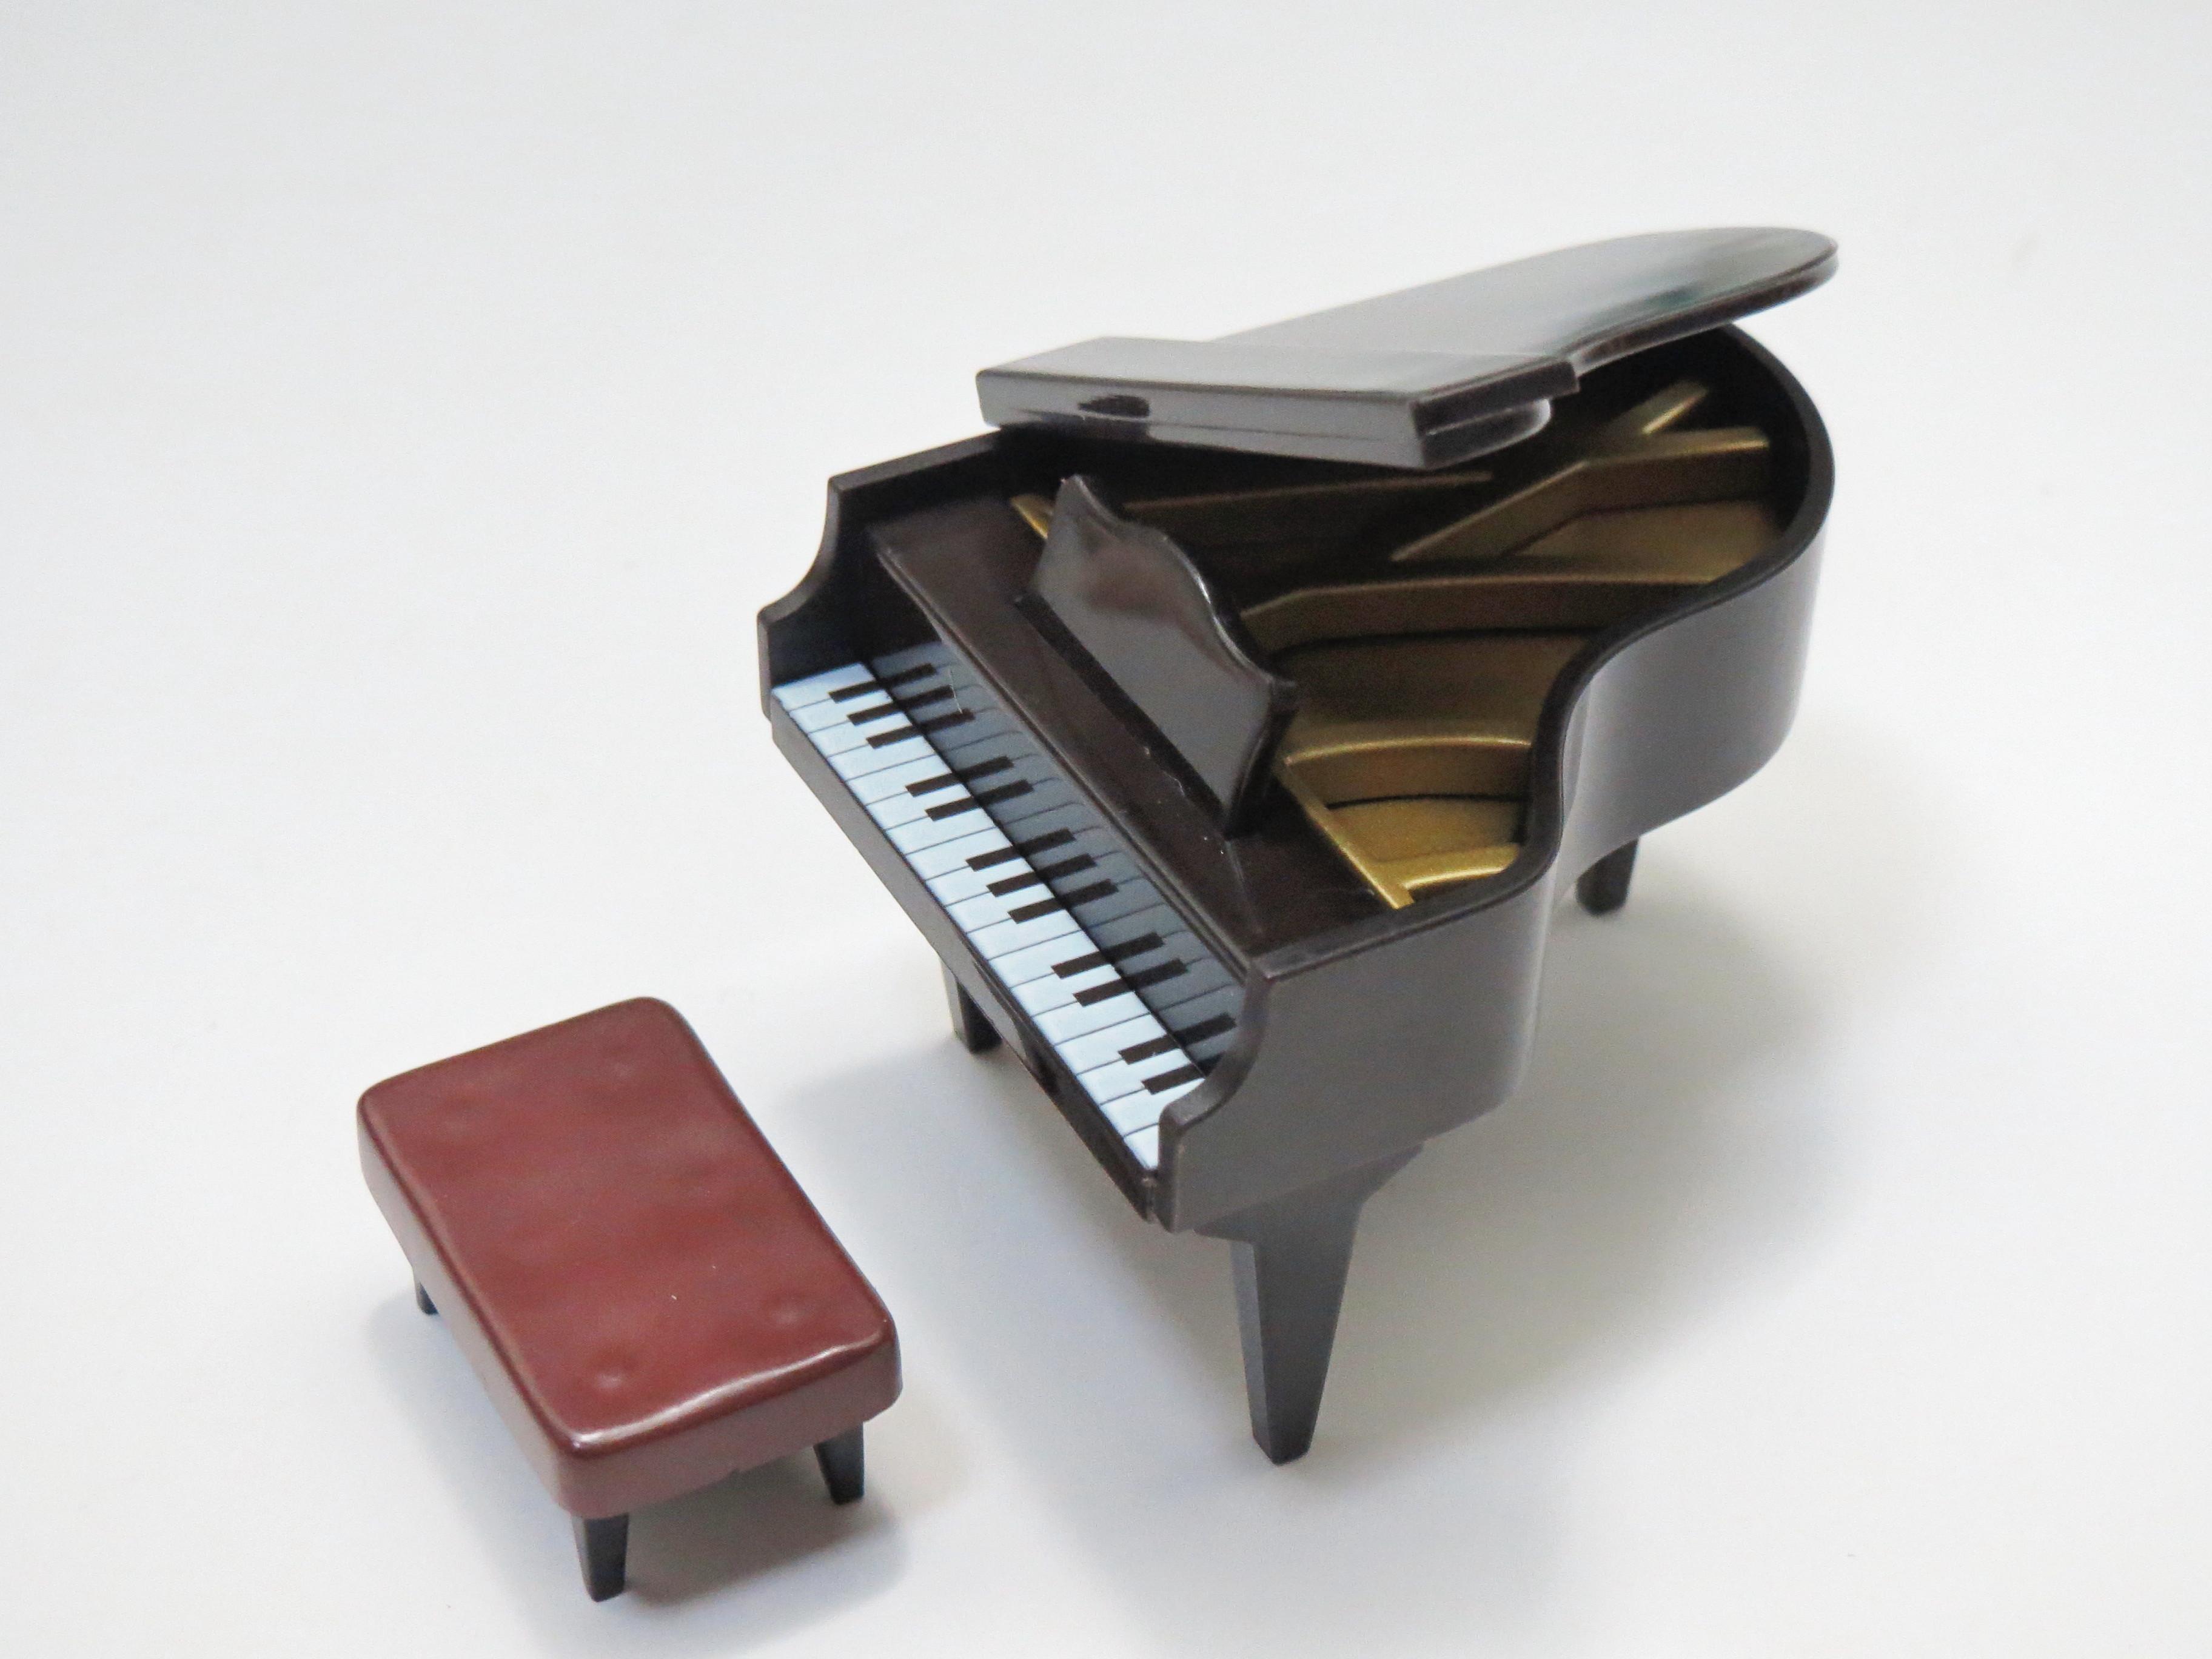 再入荷 【381a】 初音ミク セーラー服Ver. 小物パーツ ピアノ ねんどろいど